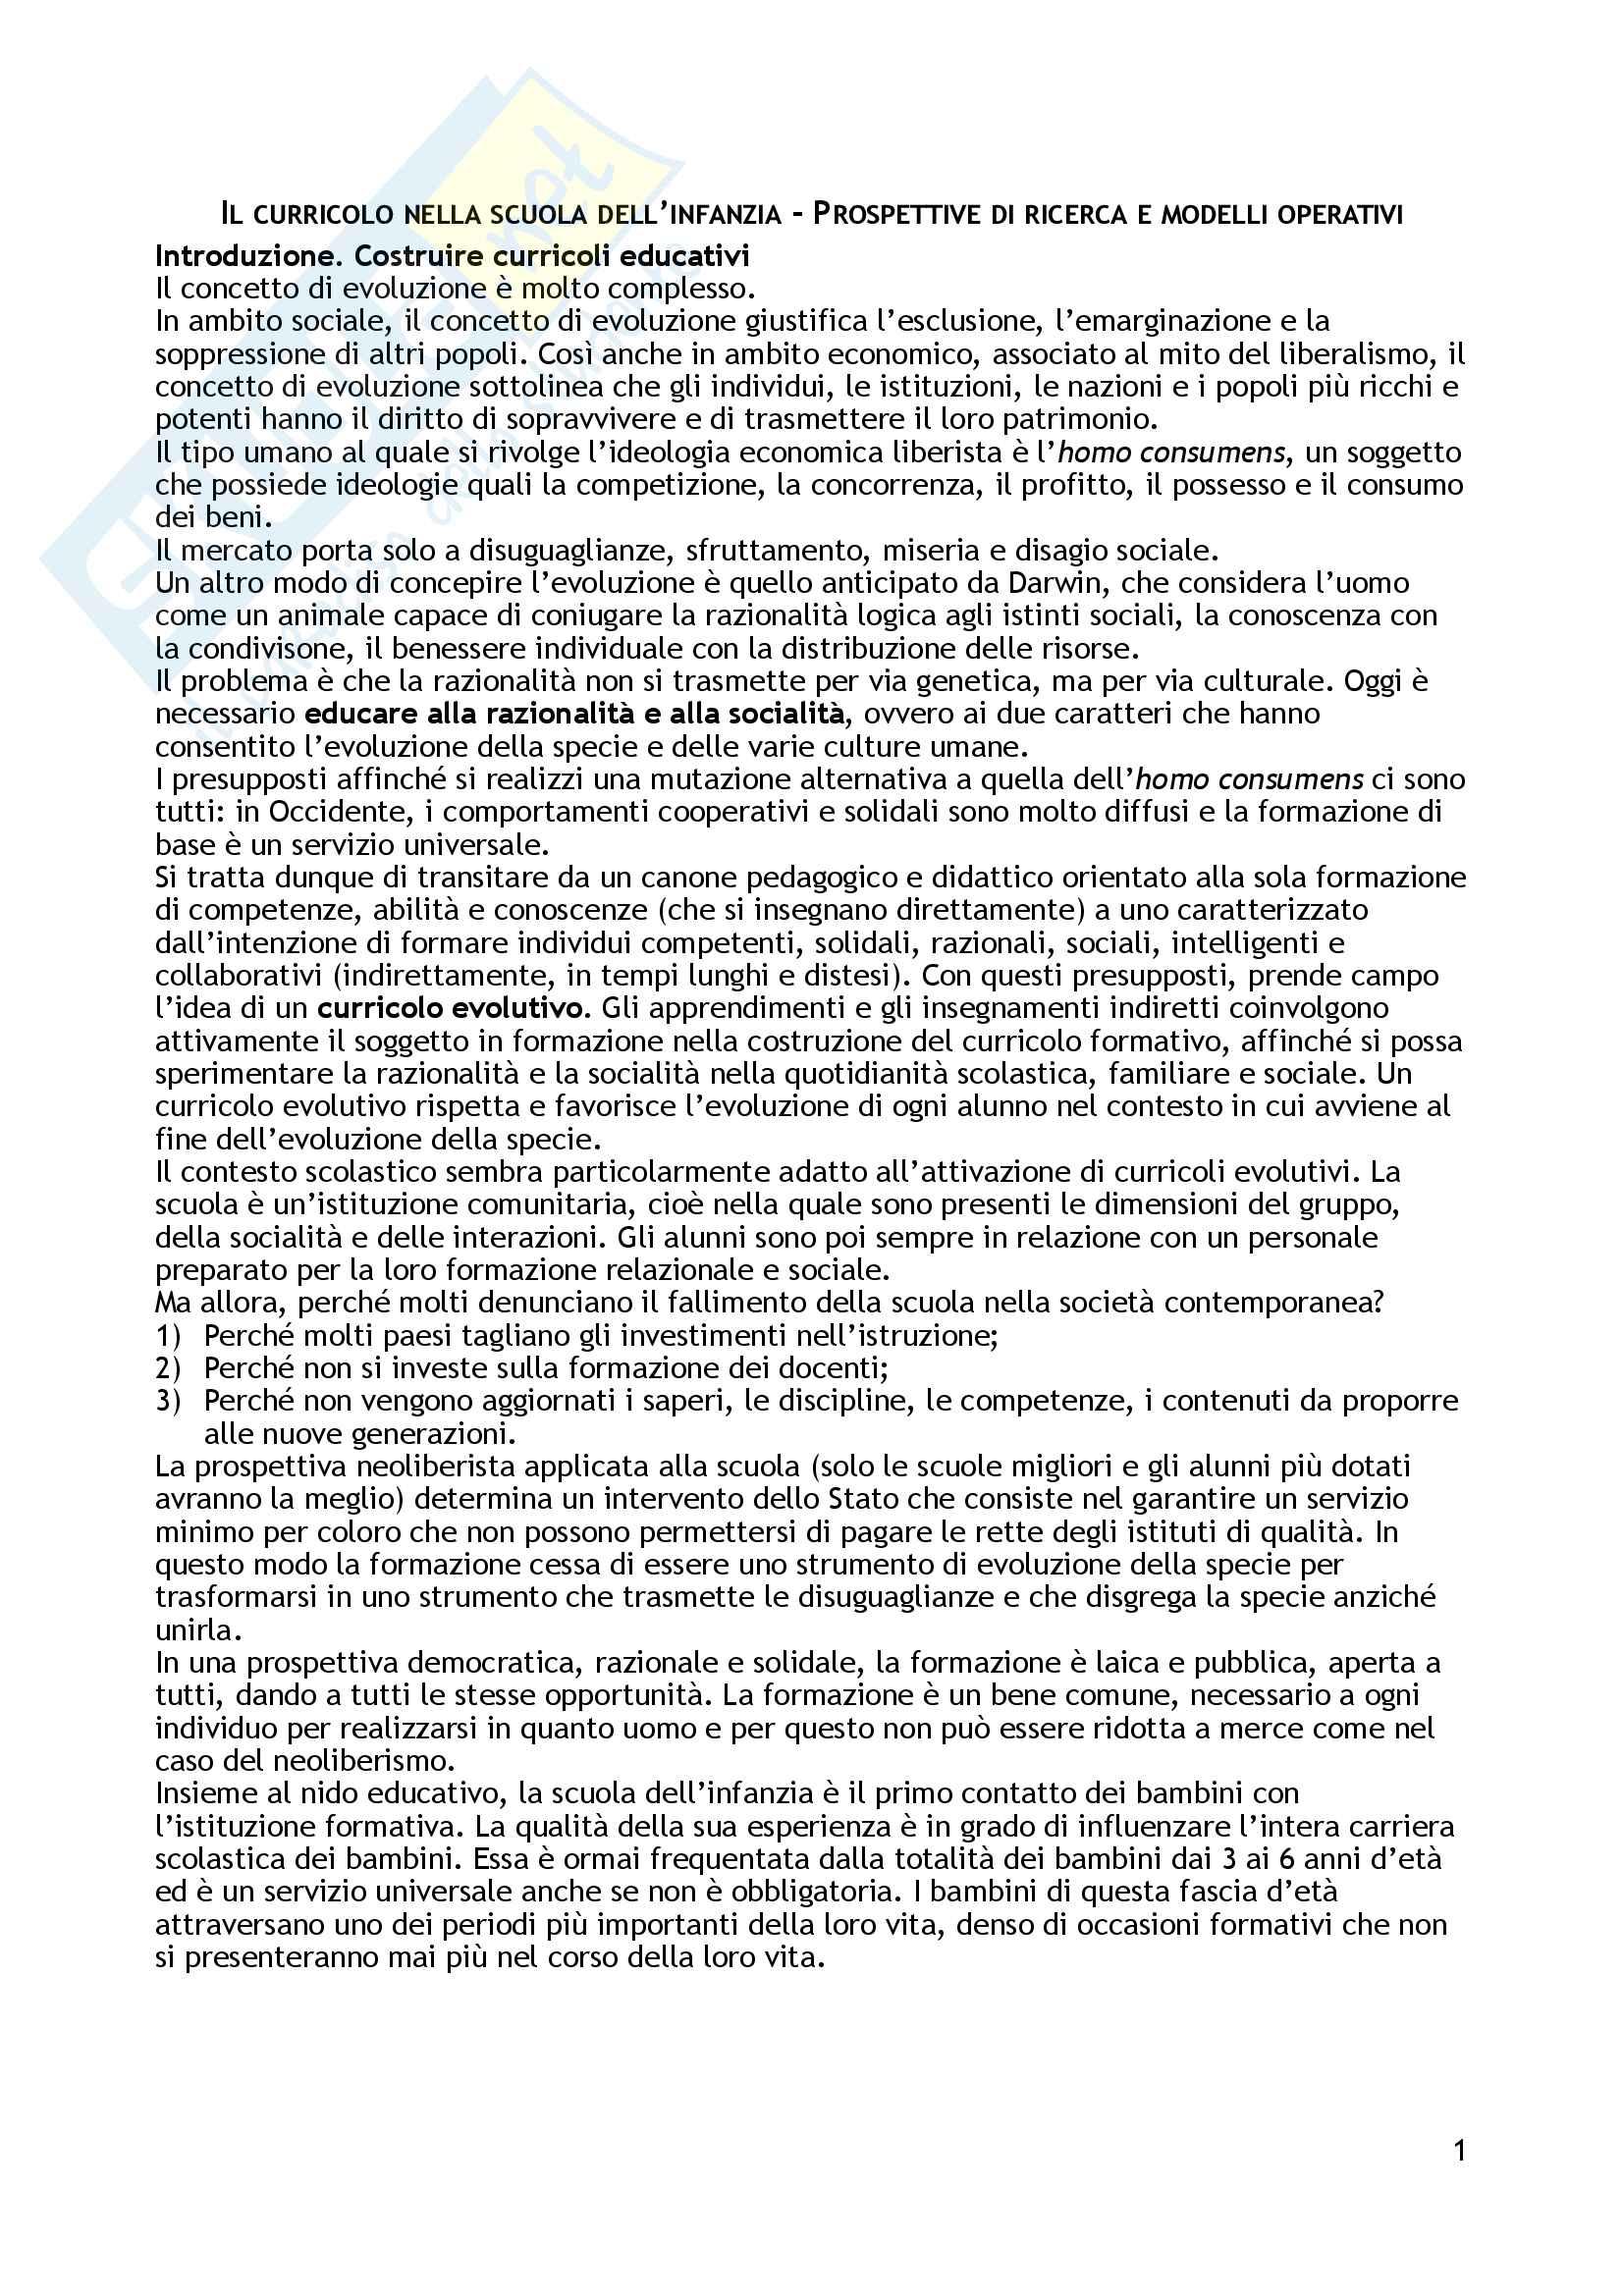 """Riassunto esame Didattica generale, prof. Giuliano Franceschini, libro consigliato """"Il curricolo nella scuola dell'infanzia. Prospettive di ricerca e modelli operativi"""", di Franceschini Giuliano, Borin Paolo"""